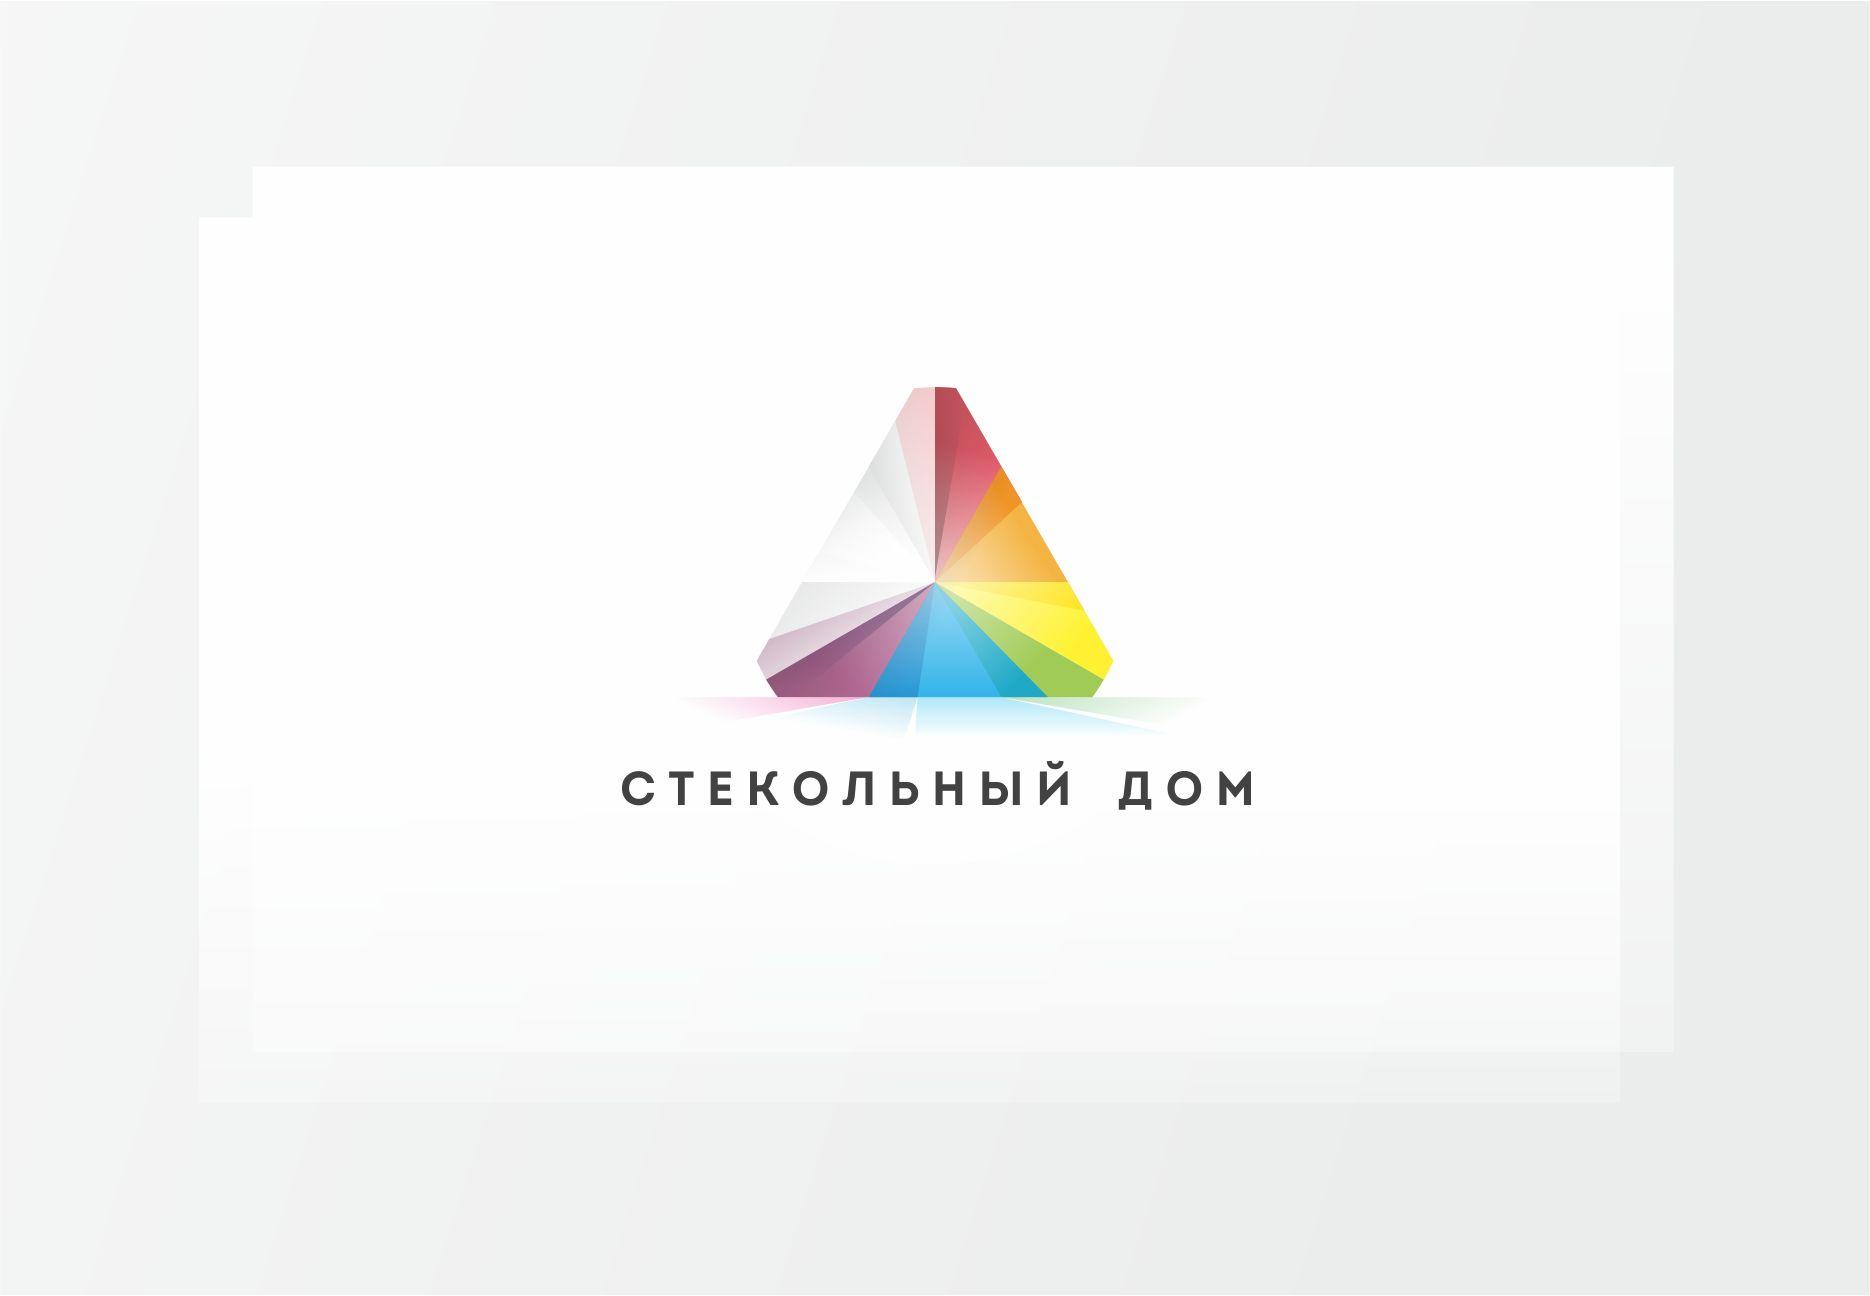 Логотип и ФС для компании «Стекольный дом» - дизайнер D_A